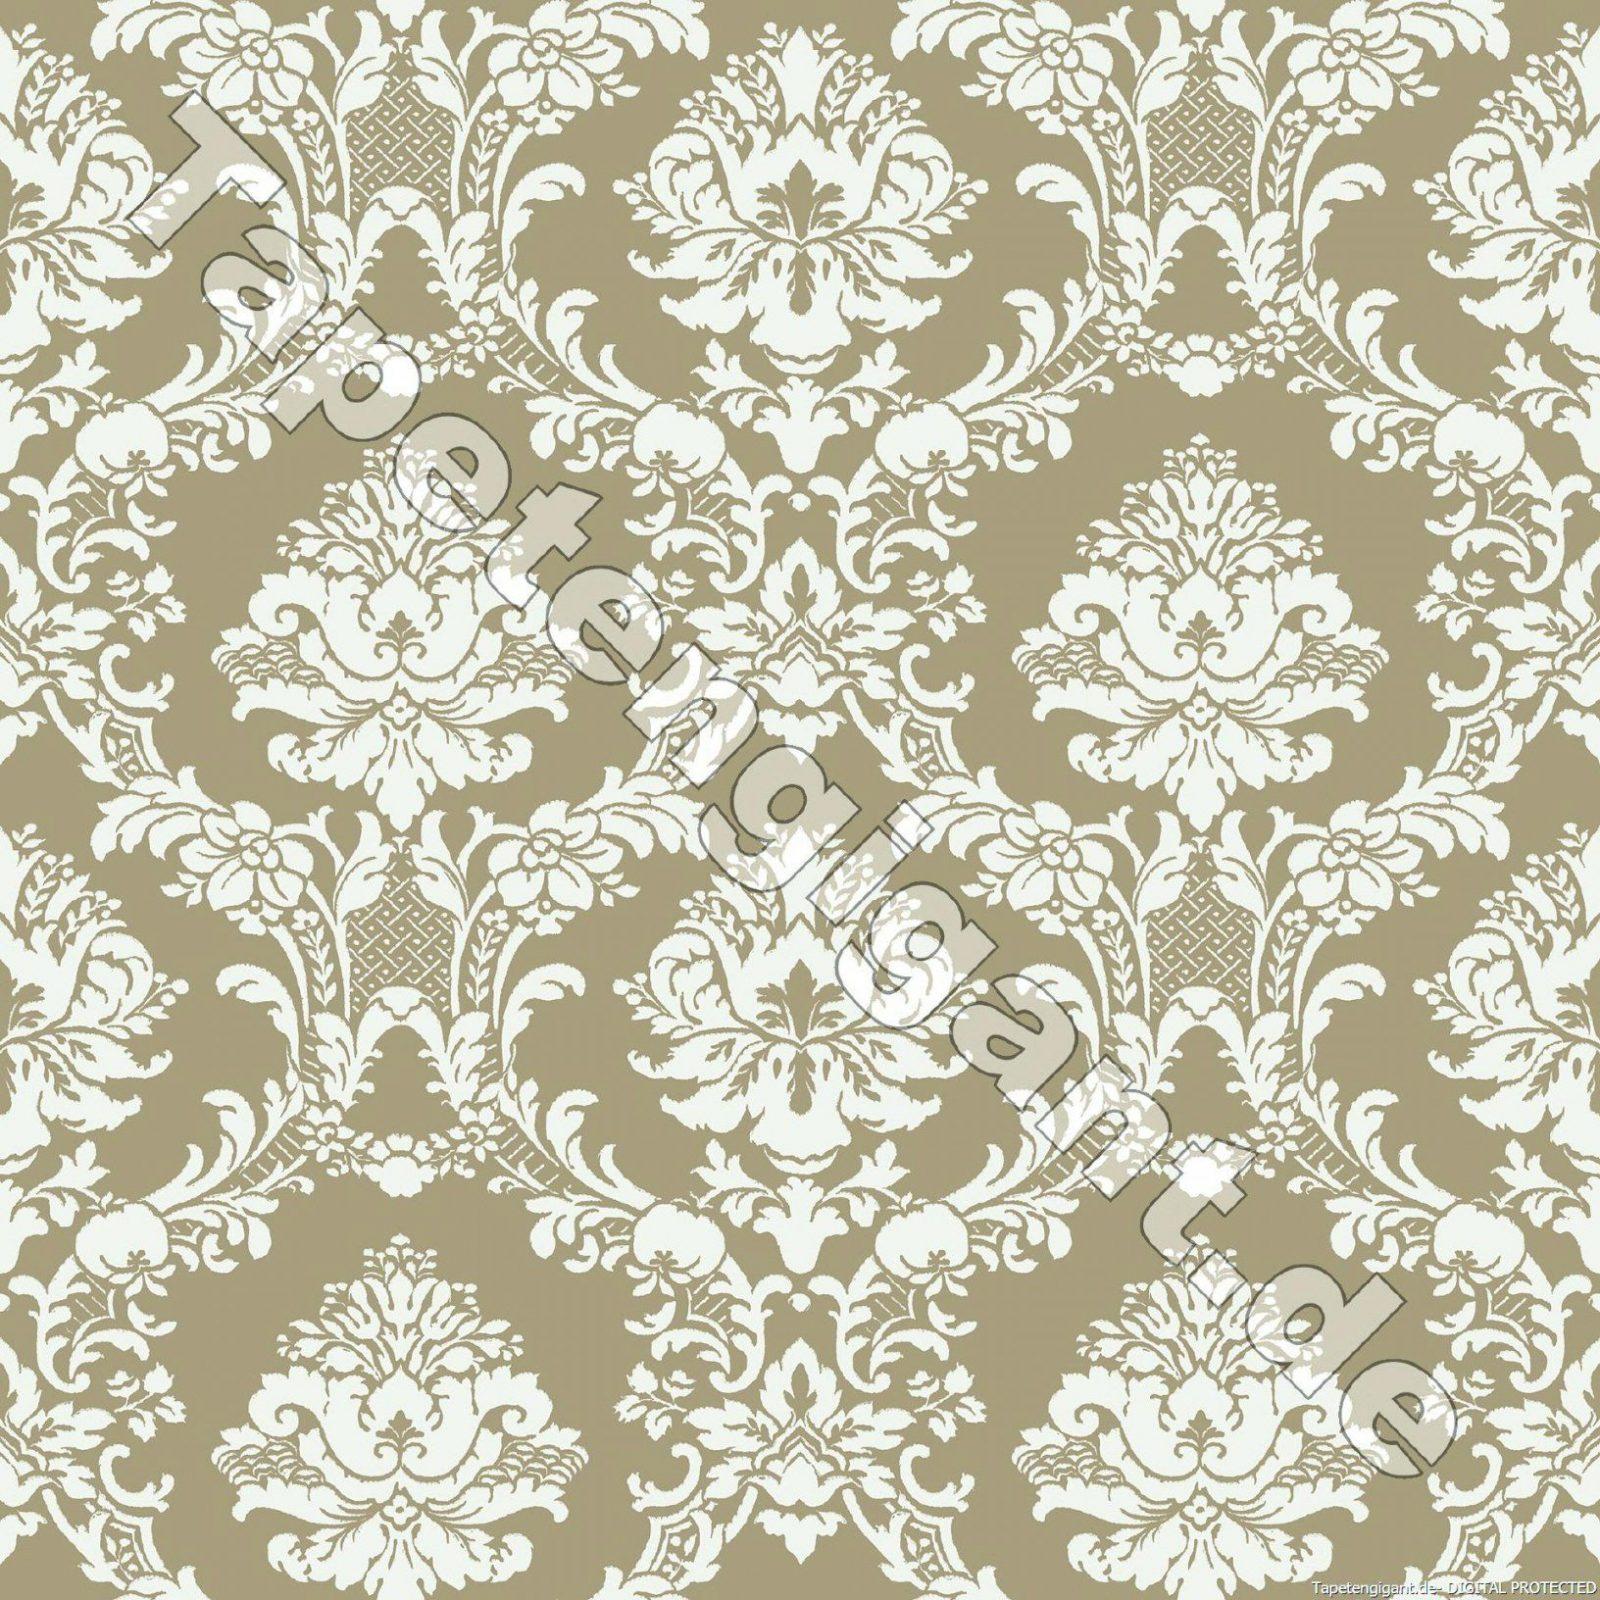 Tapeten Billig Ga 1 4 Nstig Elegant Tapetengigant Moderne Amp Tapete von Tapeten Auf Rechnung Kaufen Bild